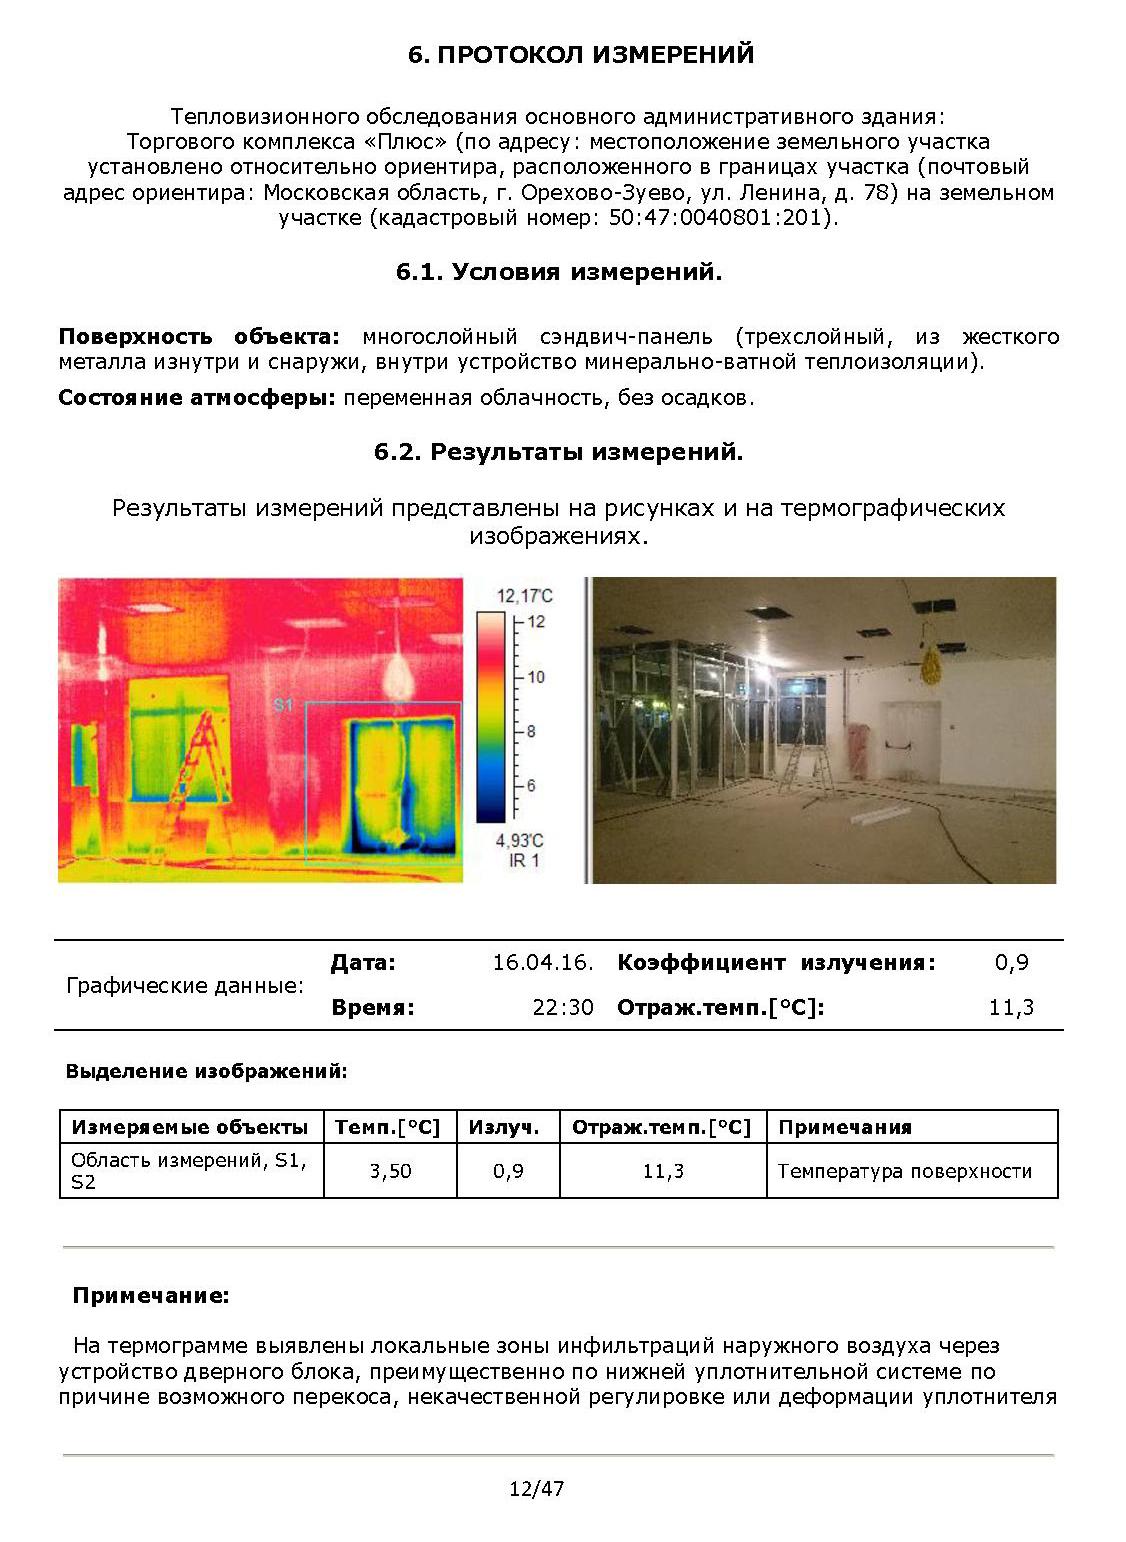 Так выглядит профессиональный отчет тепловизионного обследования. Внем указаны условия замеров исодержится много полезной информации. Примеры отчетов можно посмотреть насайтах специализированных фирм